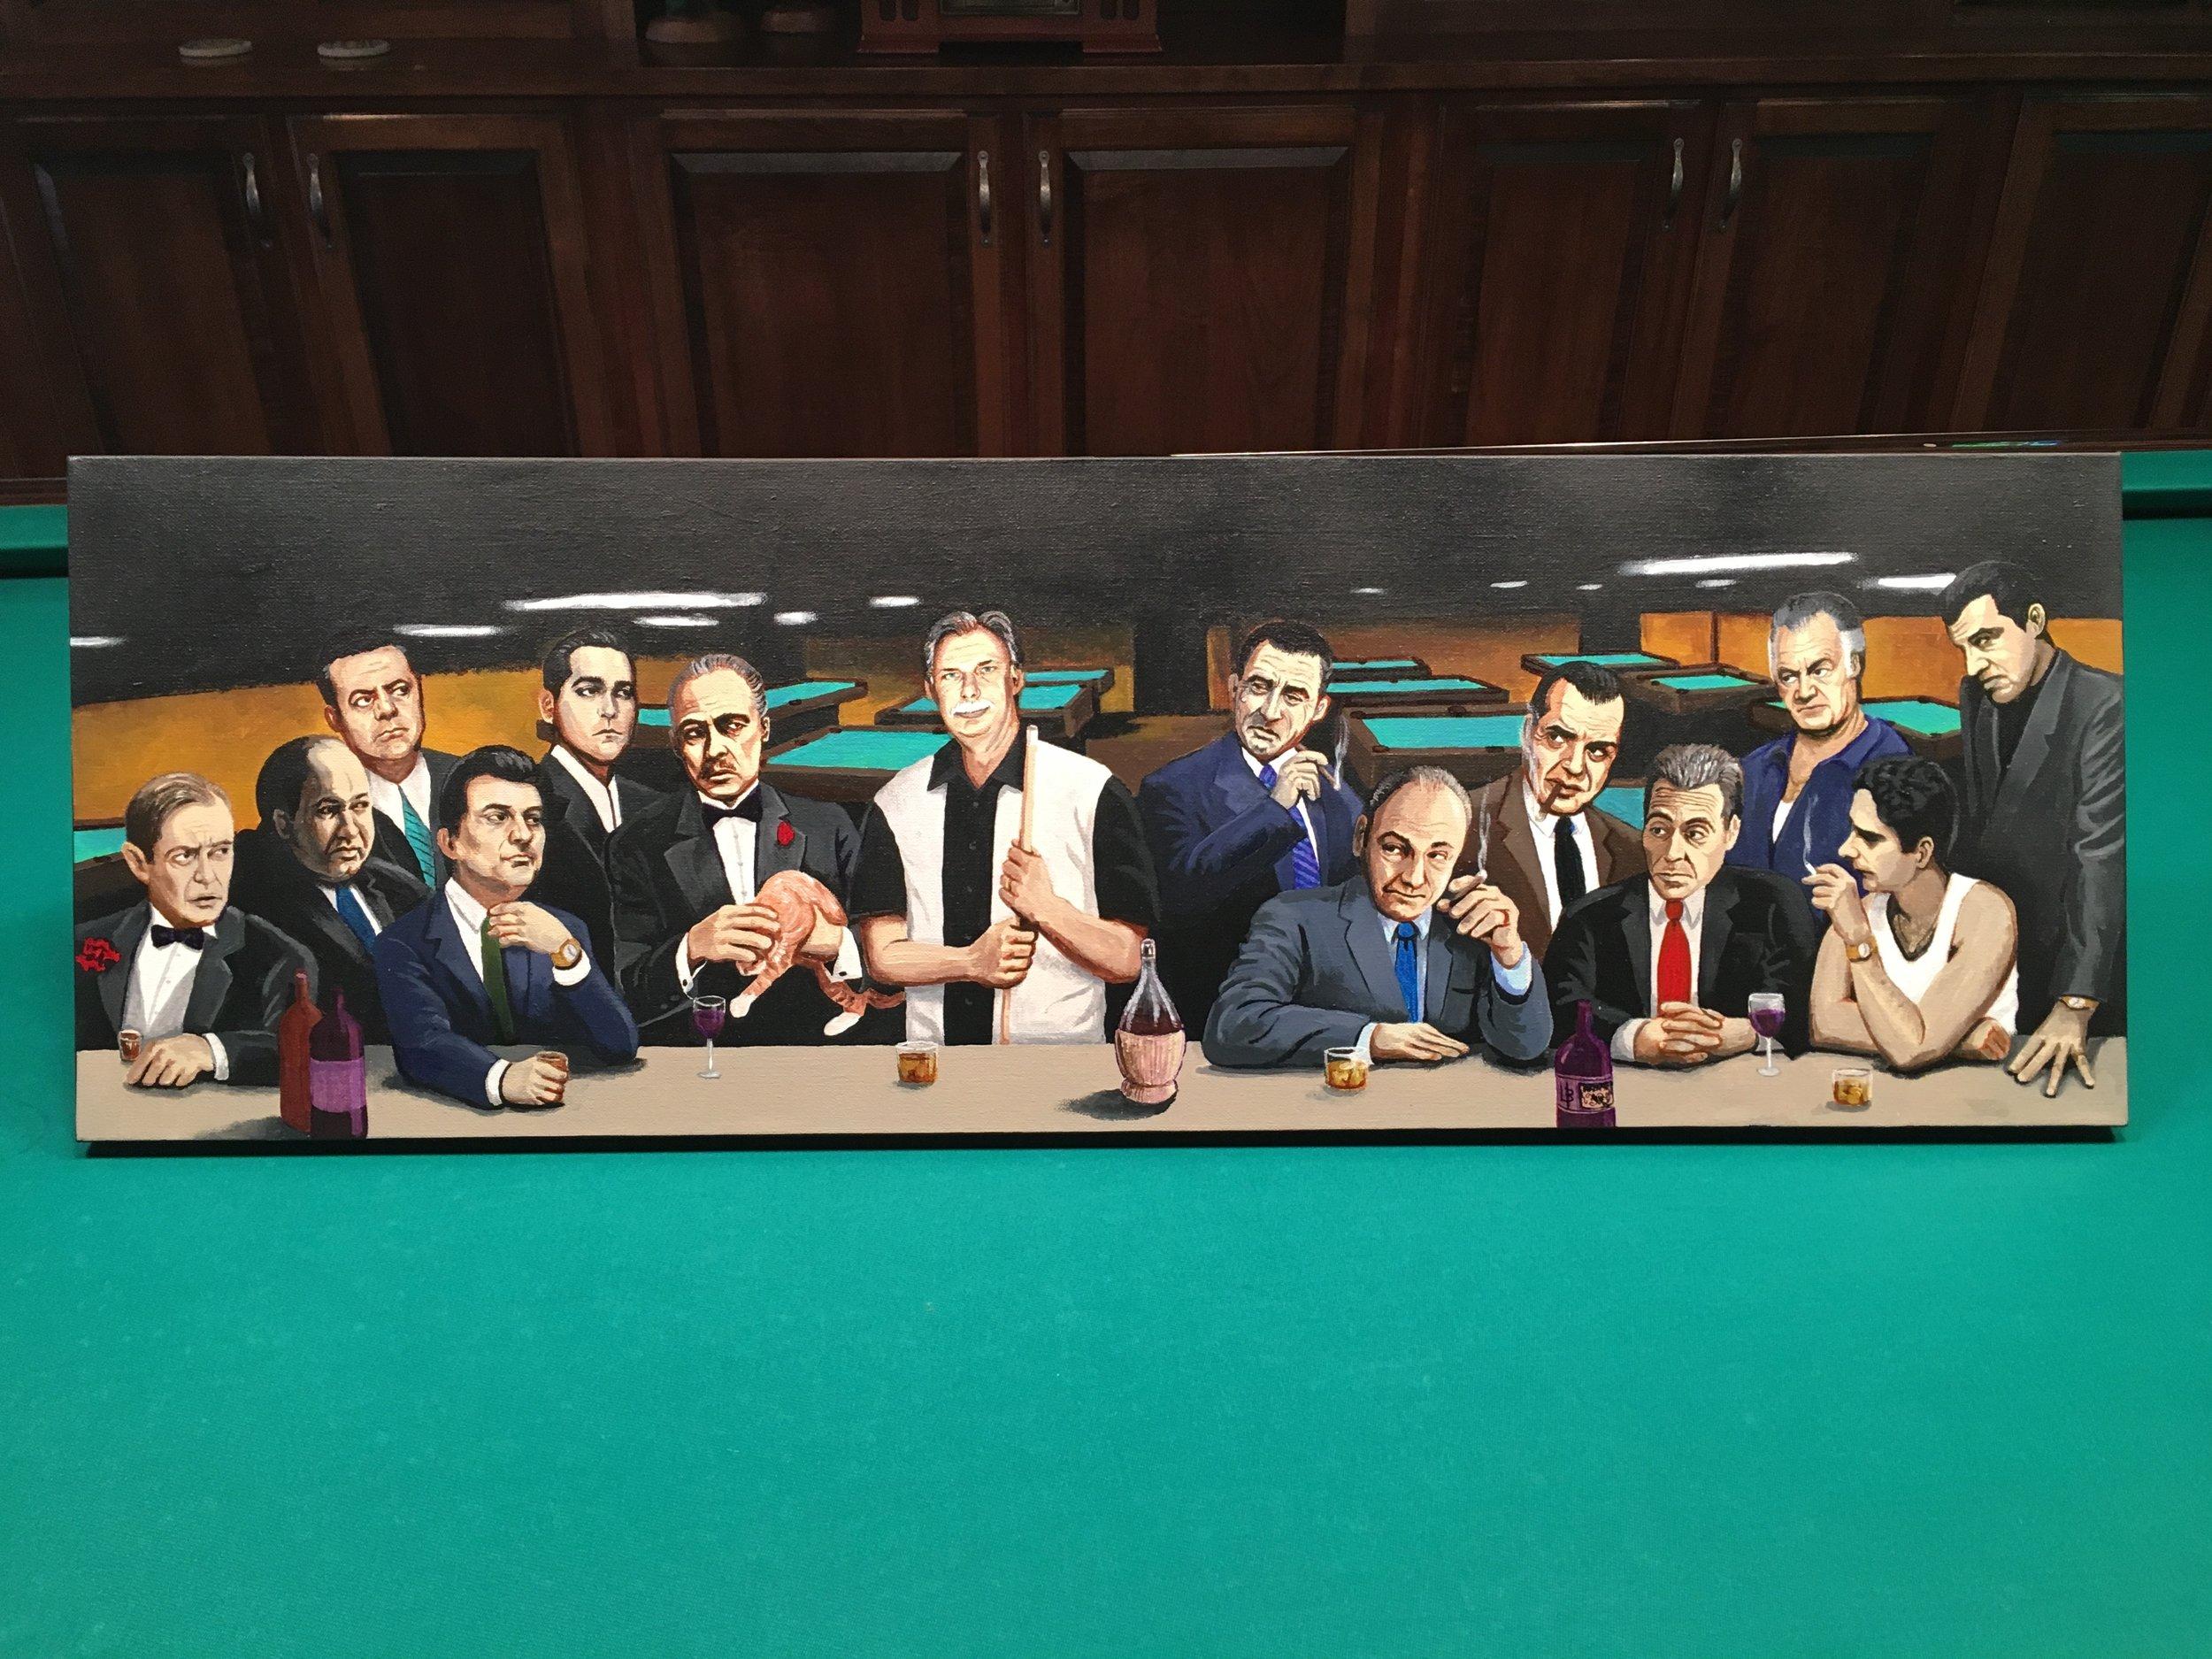 Mafia+Last+Supper.jpeg